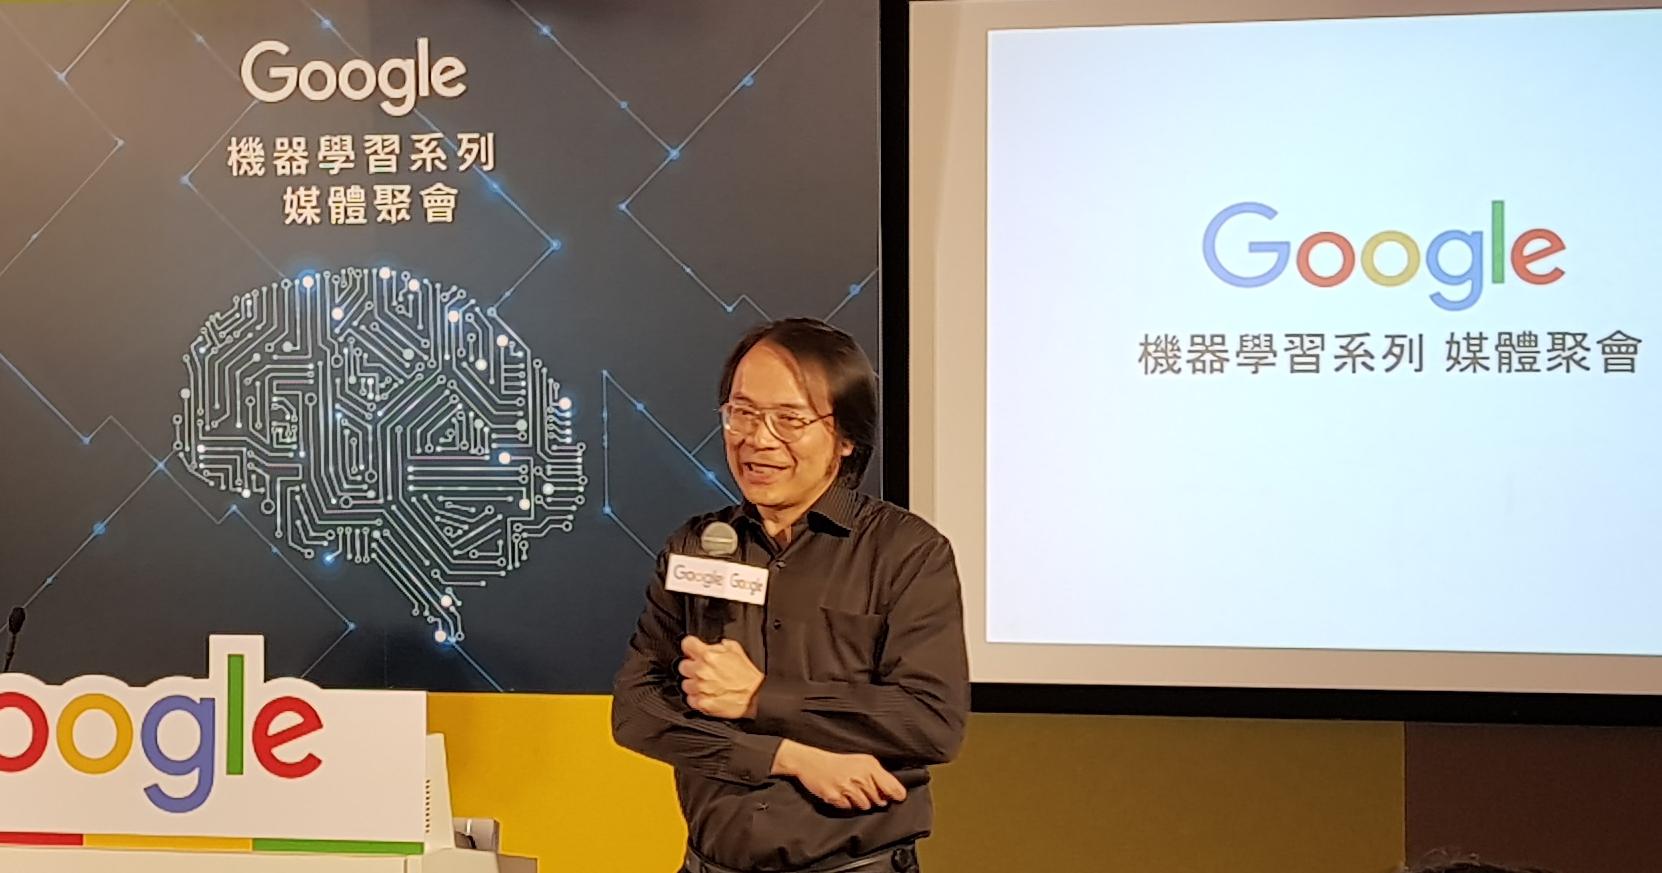 Google 翻譯解密,導入神經機器學習讓翻譯結果更像「人話」